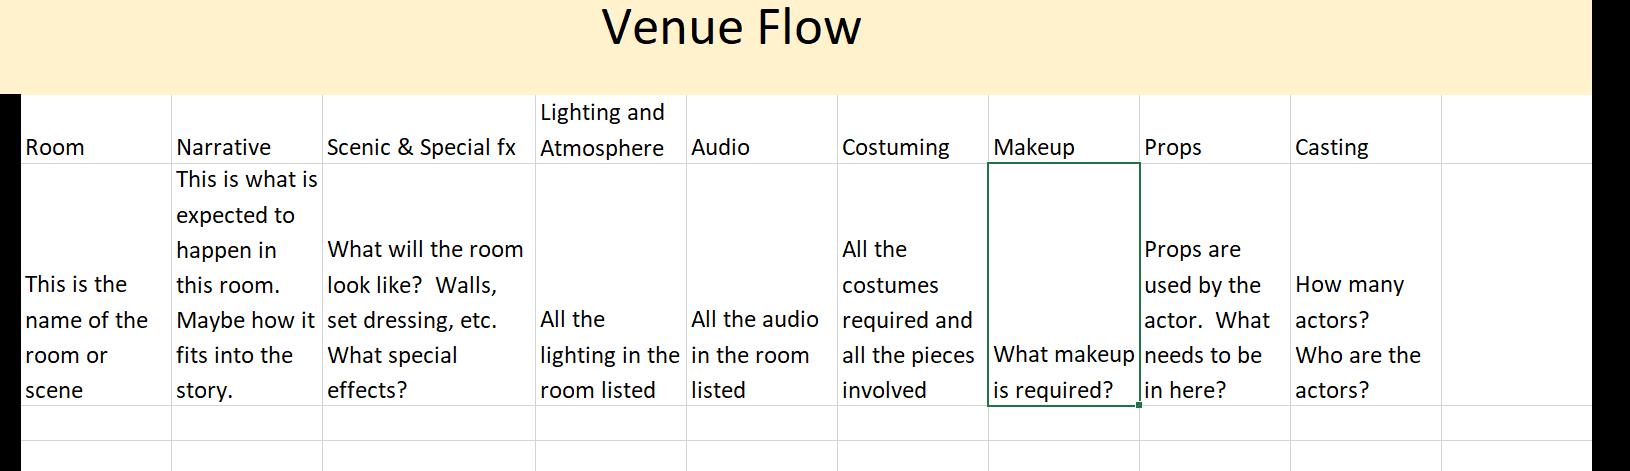 Name:  venue flow image.PNG Views: 67 Size:  43.8 KB